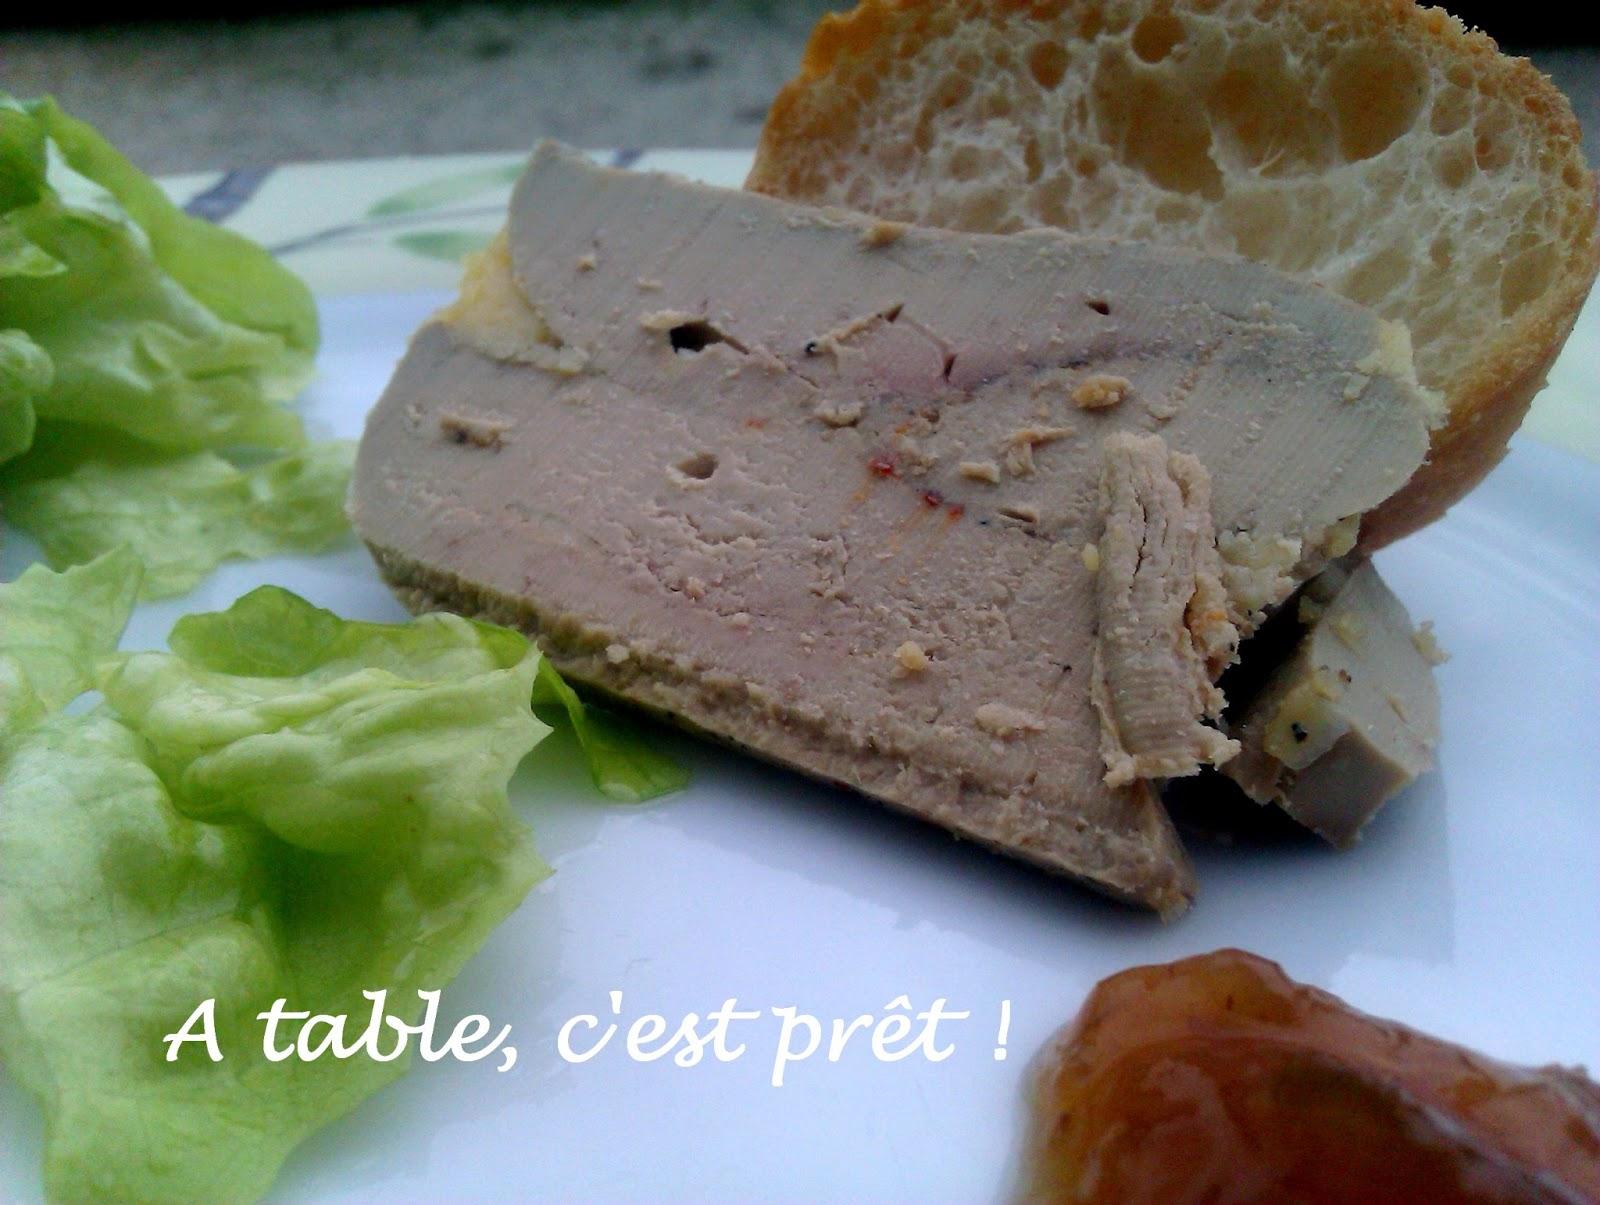 Table c 39 est pr t terrine de foie gras cuisson minute - Cuisson foie gras en terrine ...